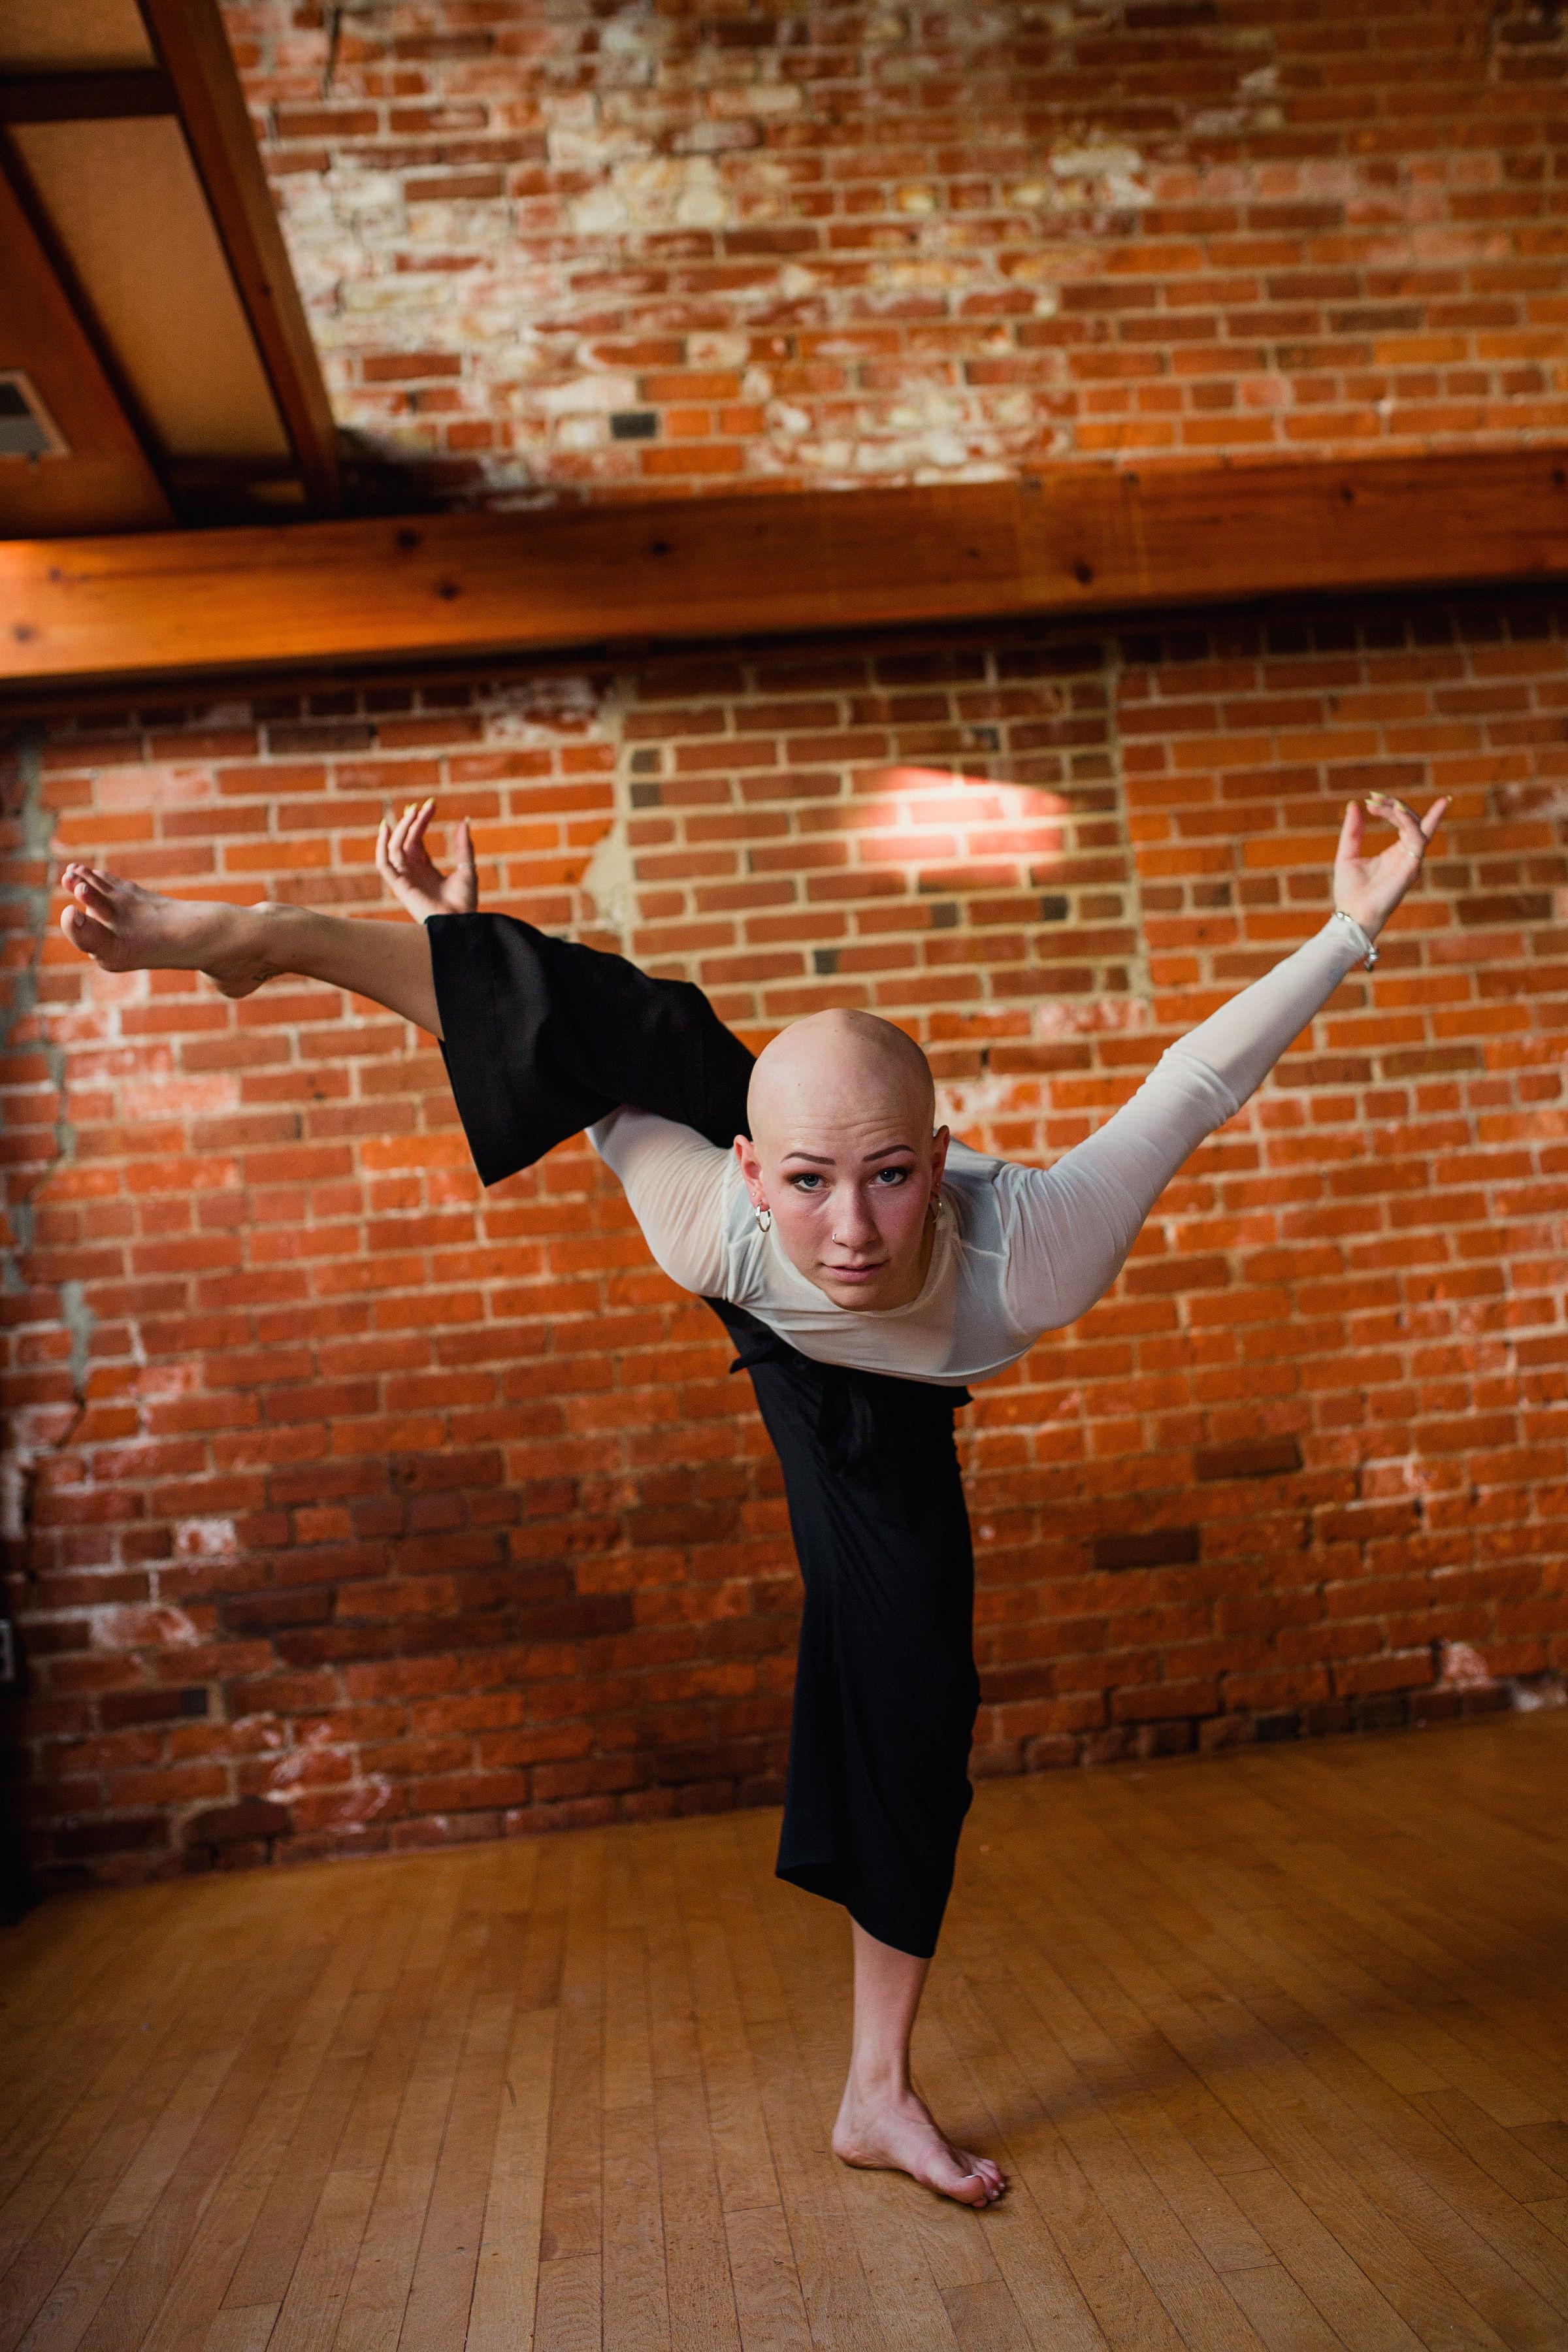 7.10.19_DesJardinsStudio_MadisonJordan_Dance_21.jpg